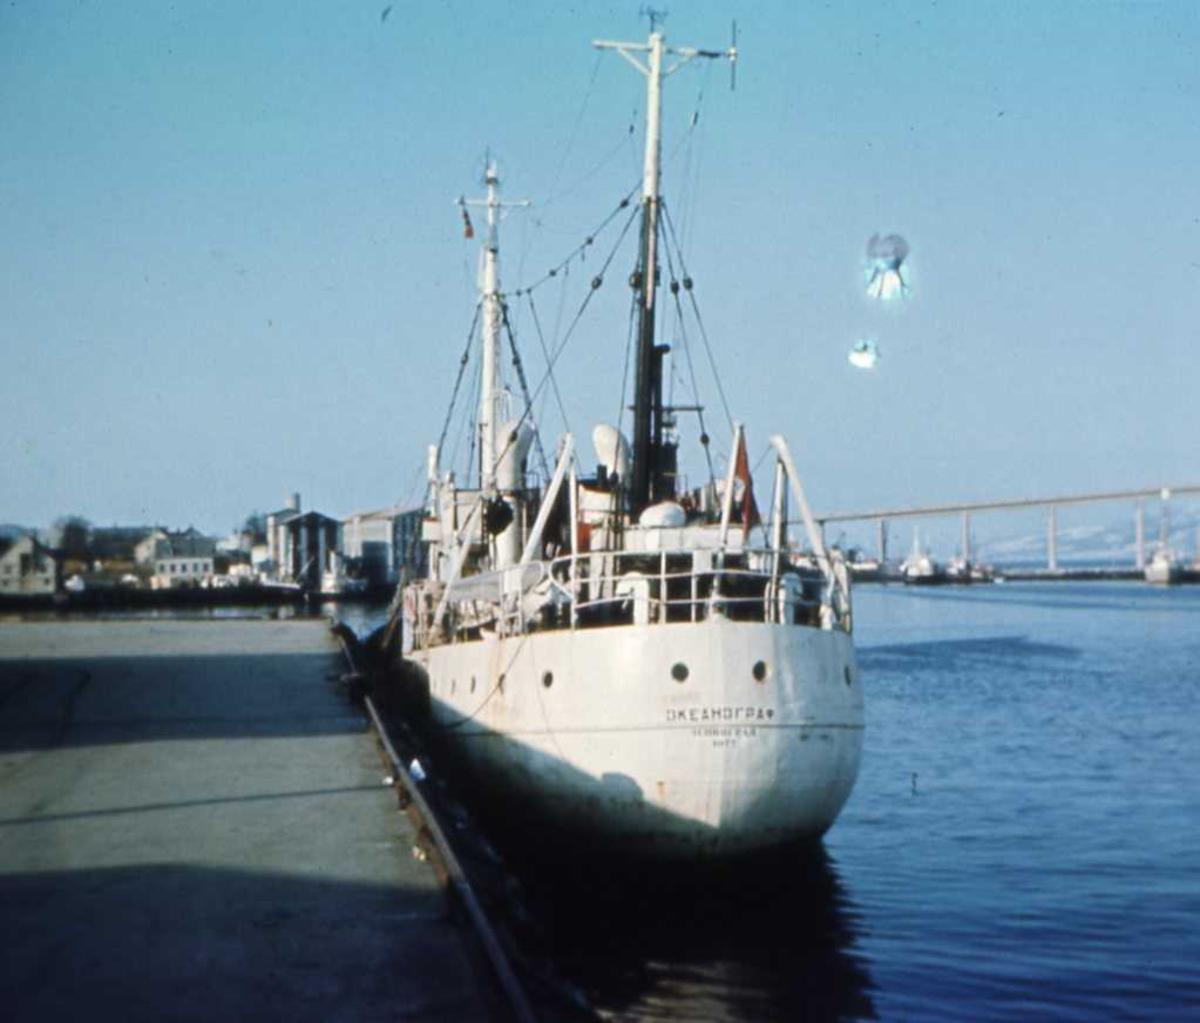 Russisk fartøy som heter Okeanograf og som ligger ved kai i Tromsø. I bakgrunnen sees Tromsøbrua.